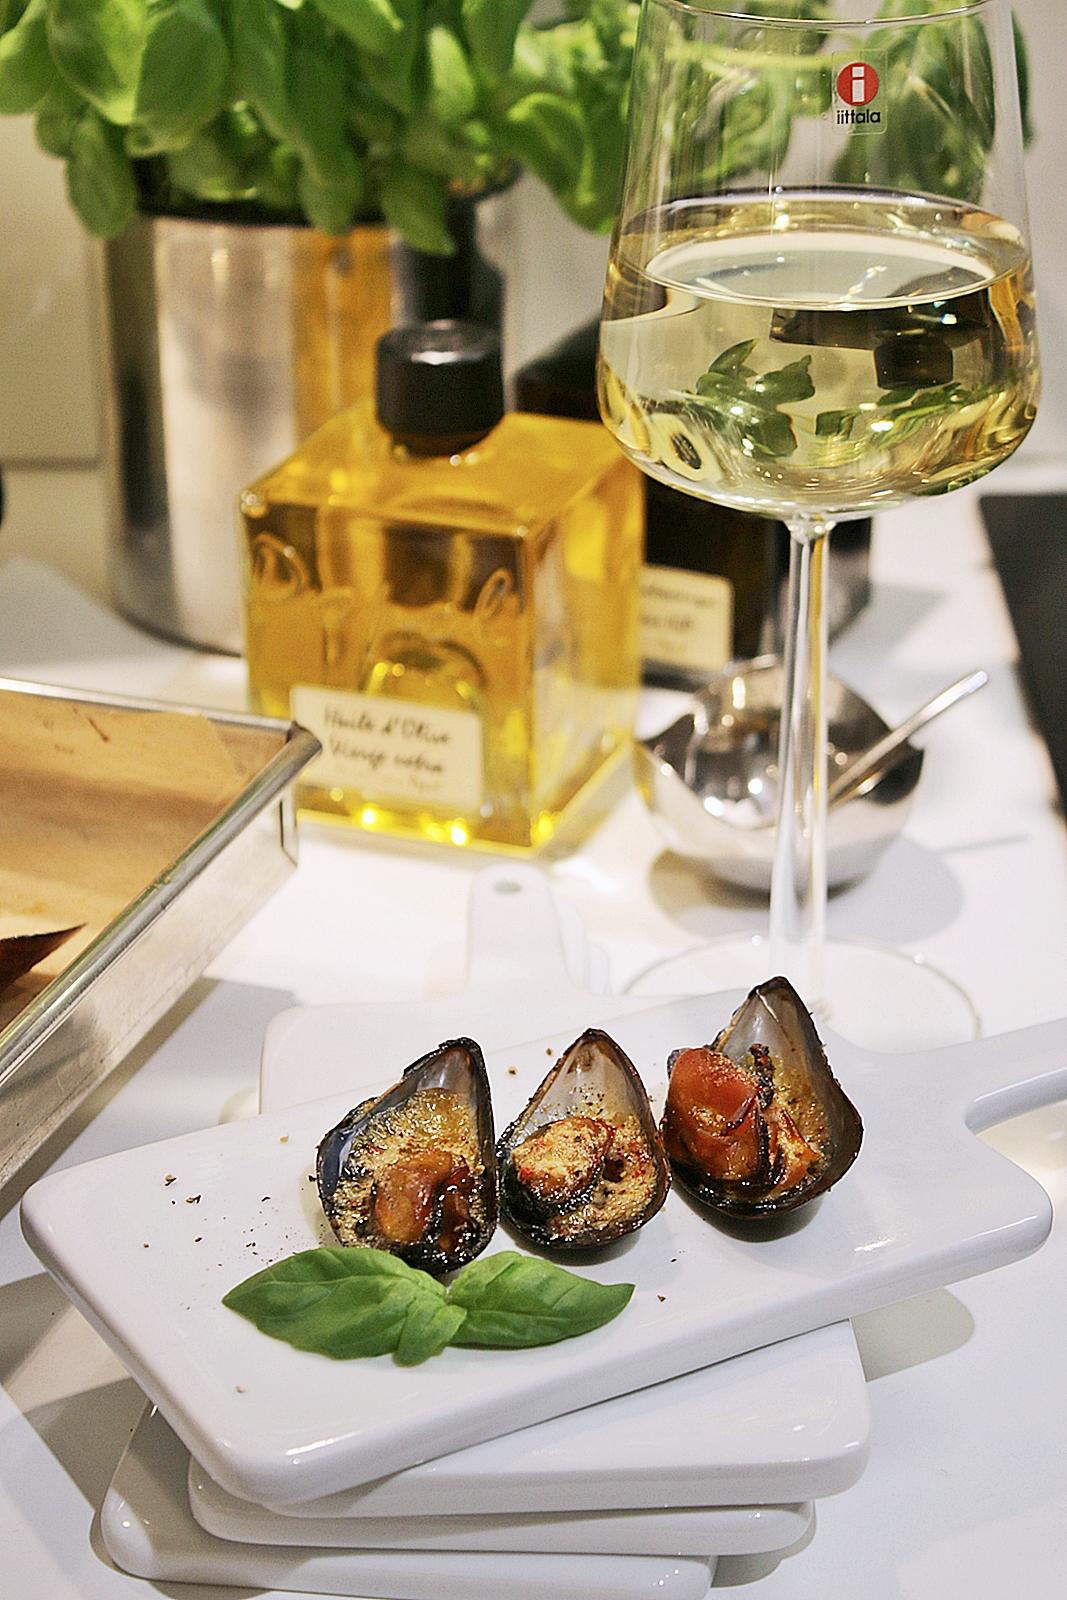 Gratinerade och rökta blåmusslor med ett glas gott Chardonnay vin